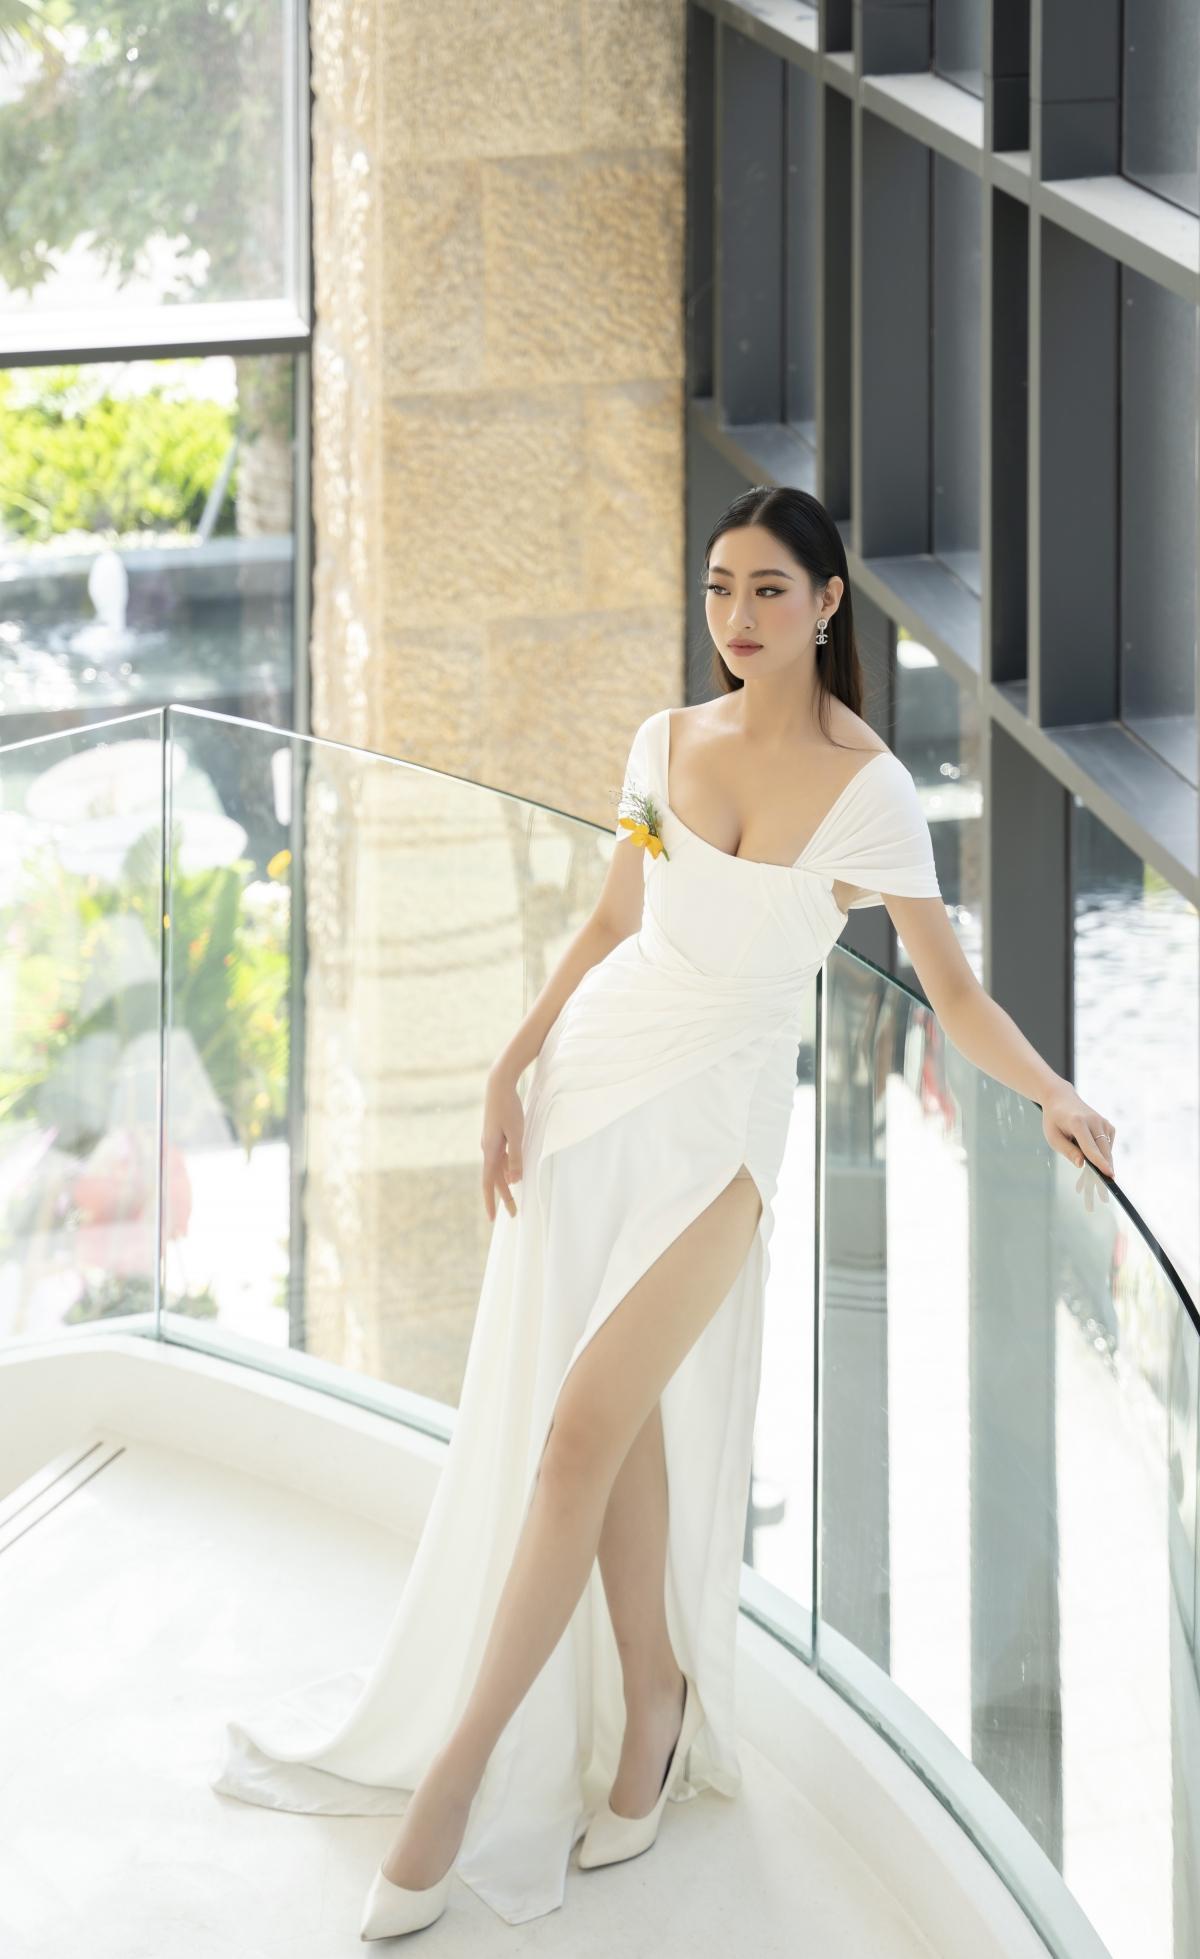 Mới đây, Hoa hậu Lương Thuỳ Linh đến tham gia một sự kiện tại TP. Quy Nhơn với vai trò khách mời.